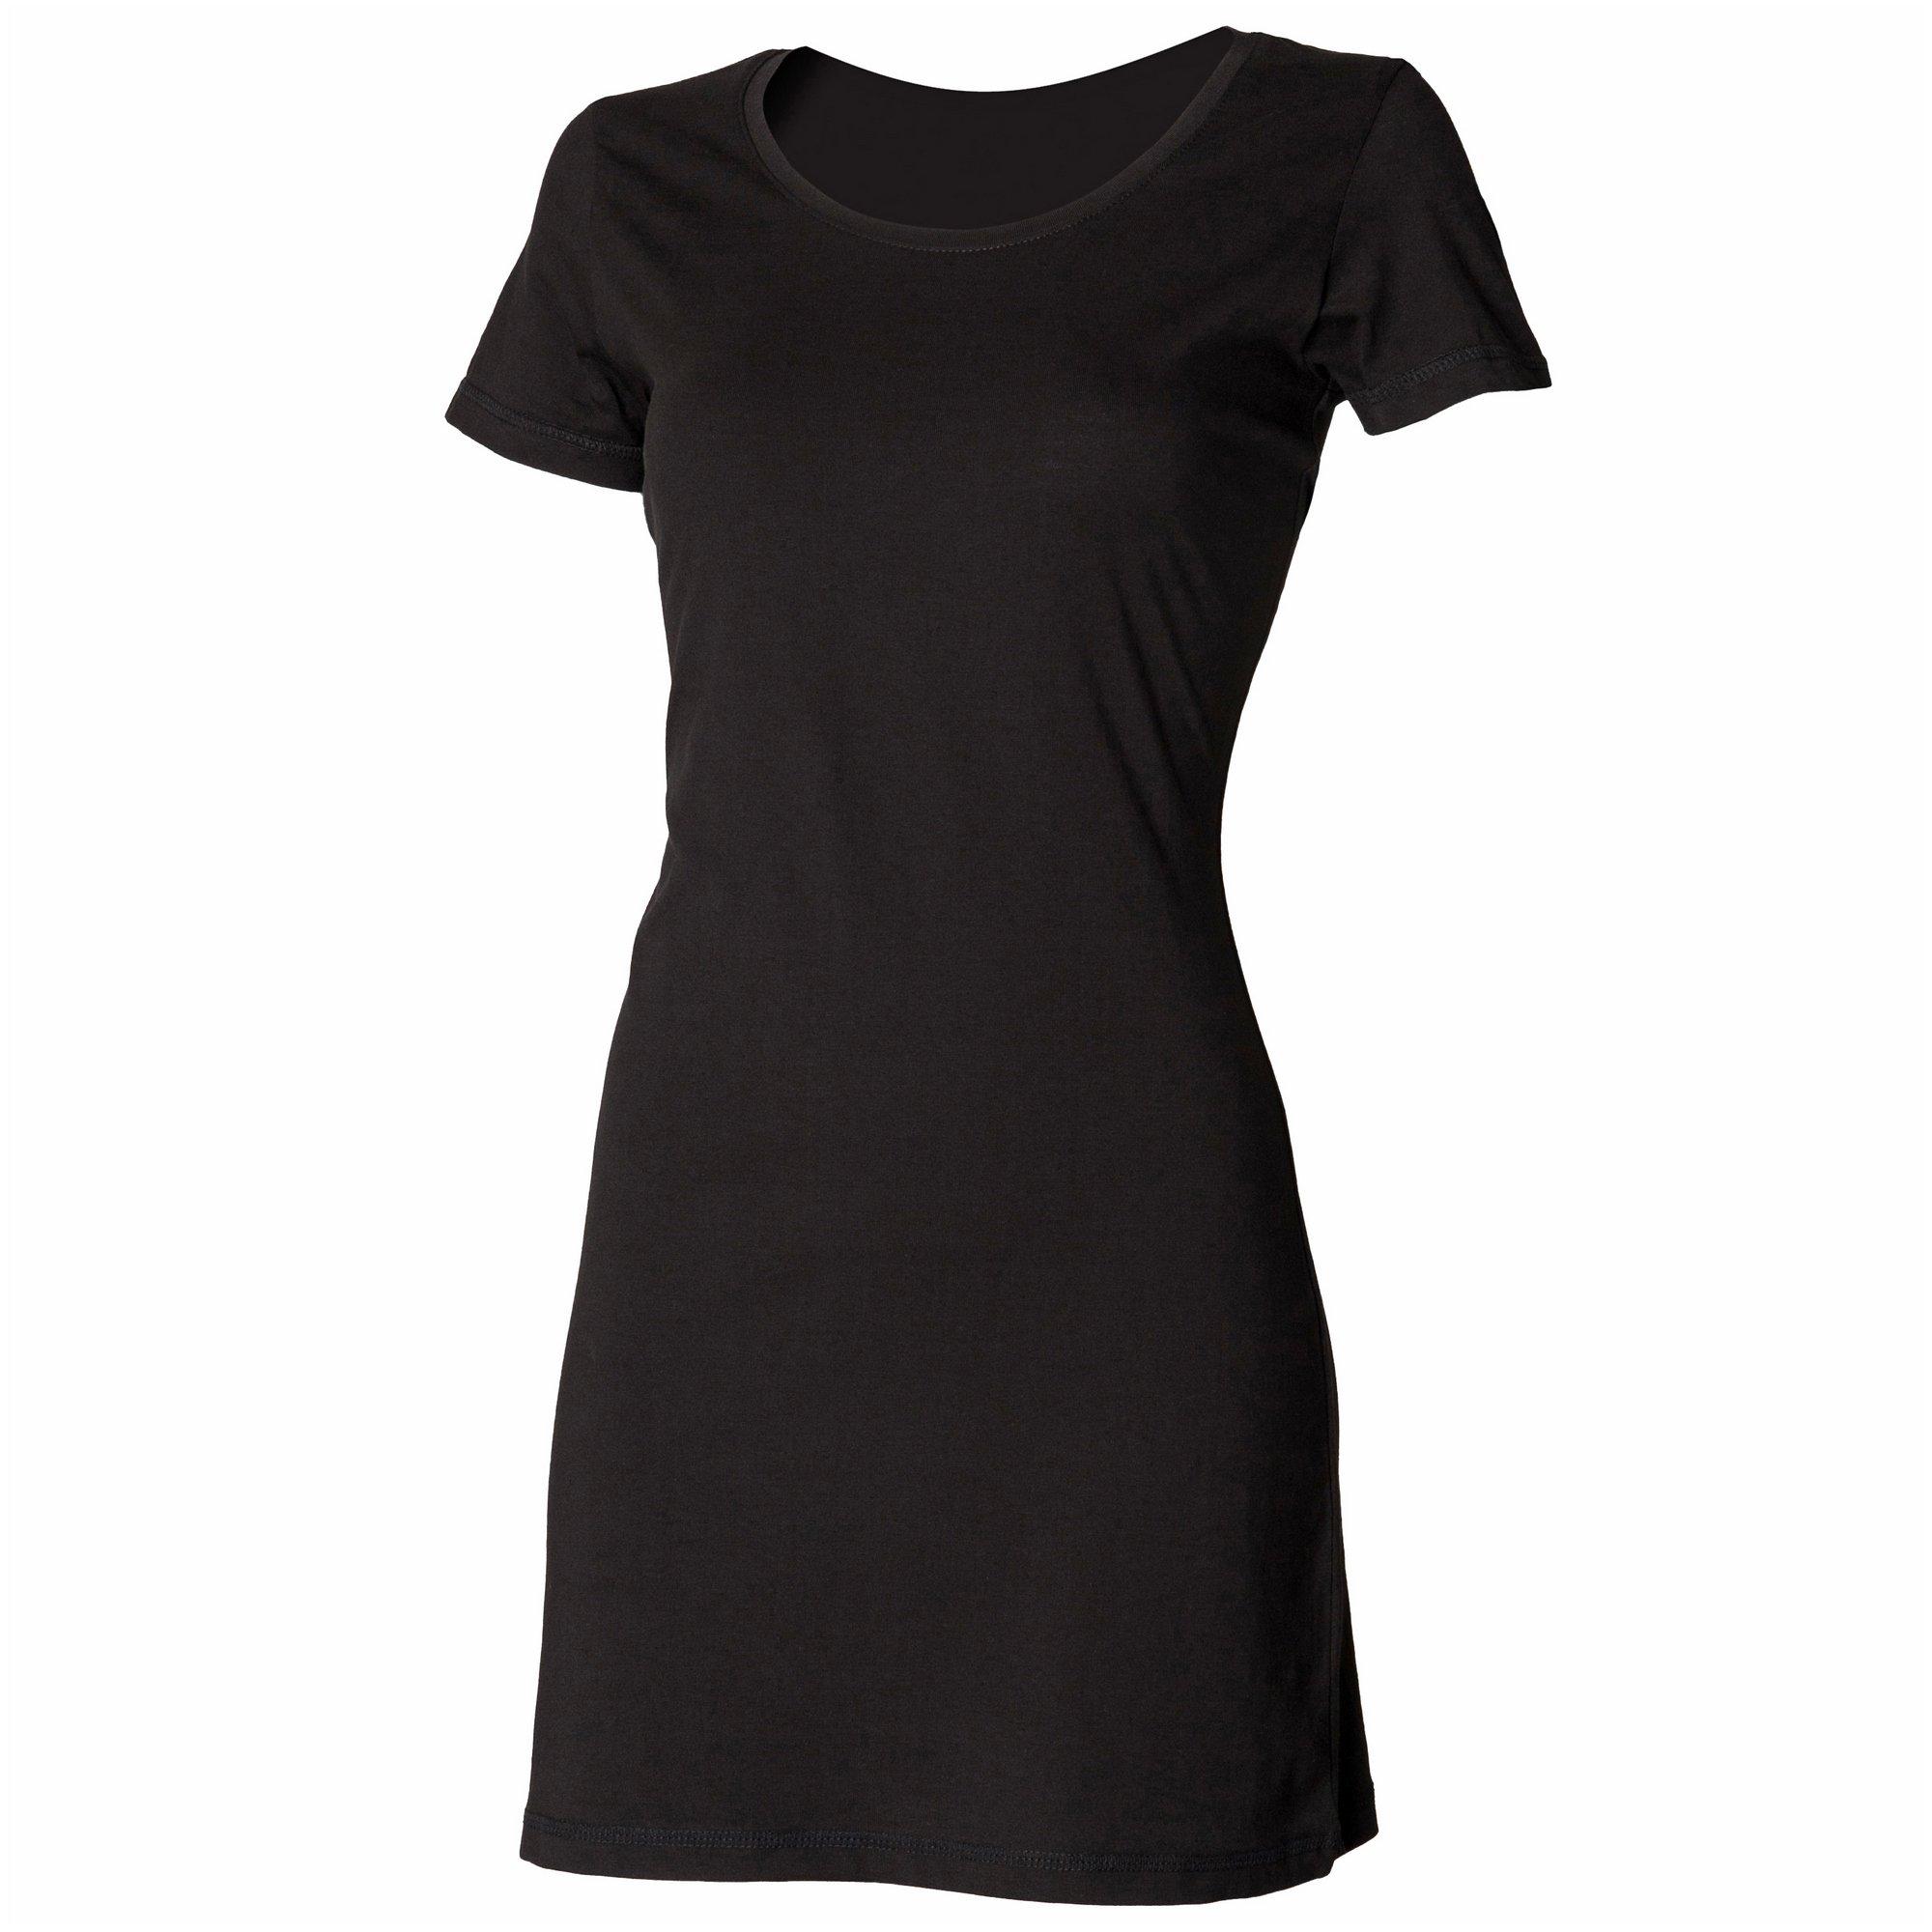 Skinni Fit Ladies/Womens Scoop Neck T-Shirt Dress (XL) (Black)